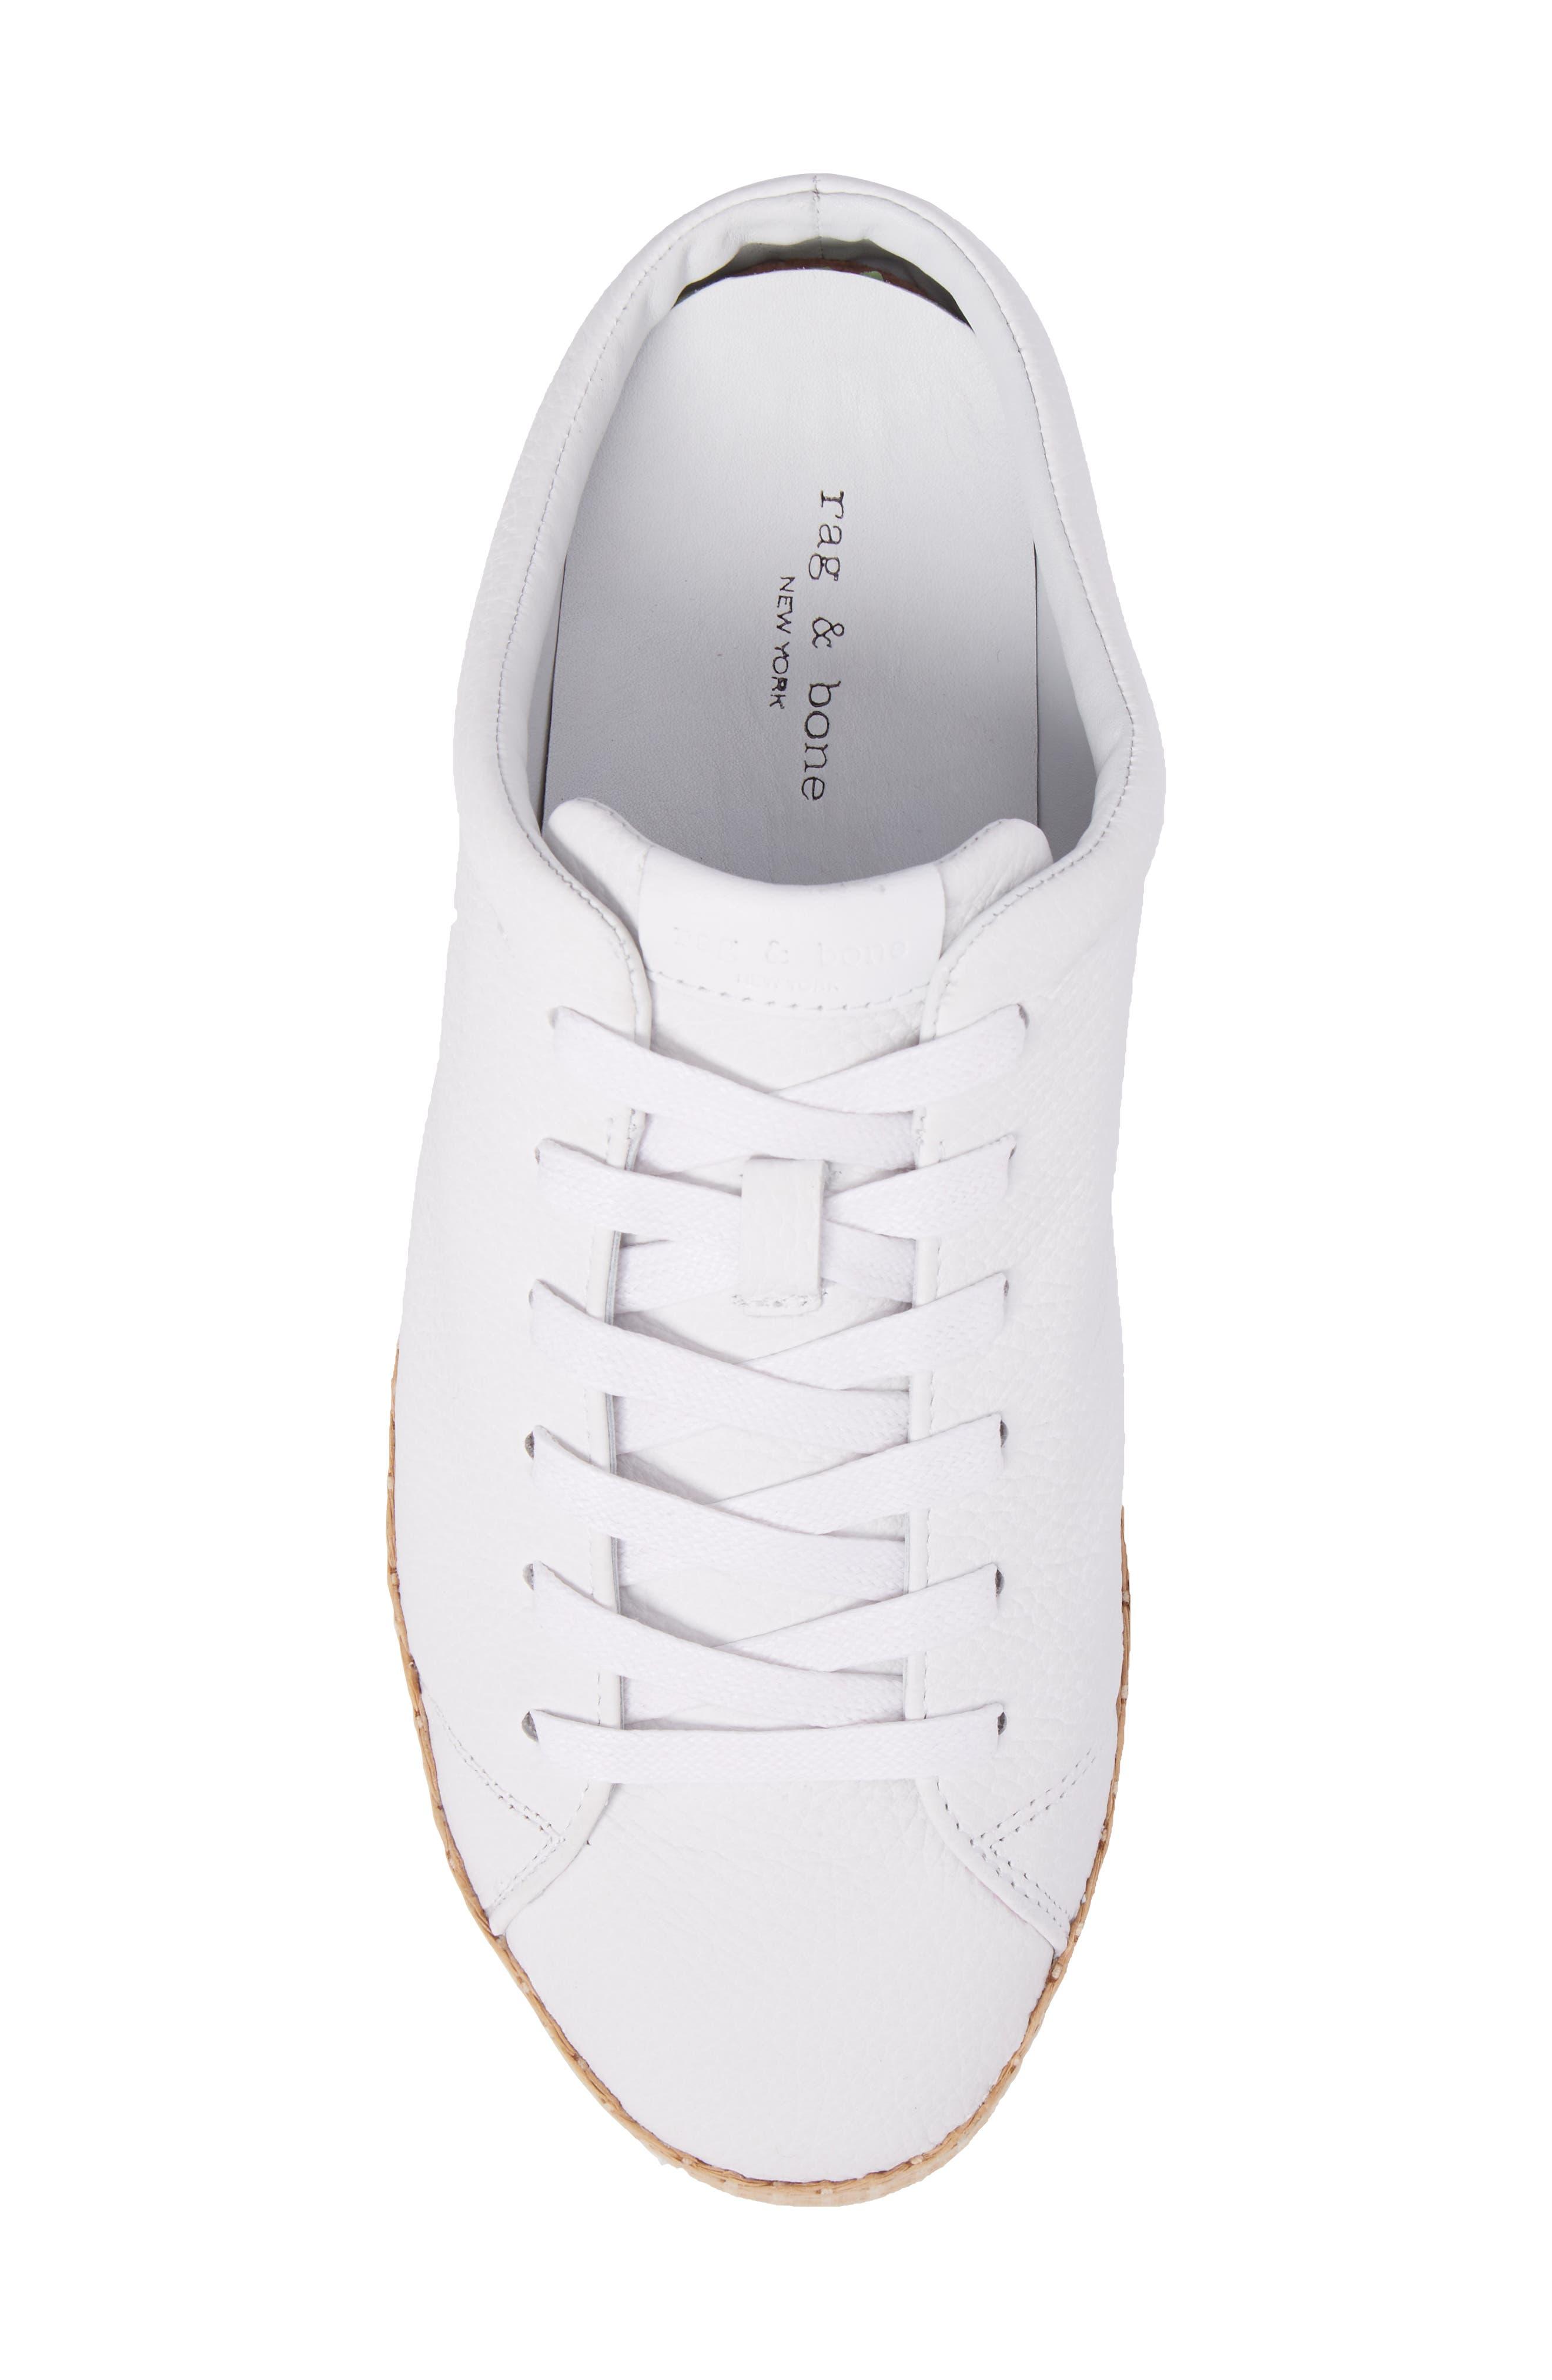 RB1 Slip-On Sneaker,                             Alternate thumbnail 5, color,                             White